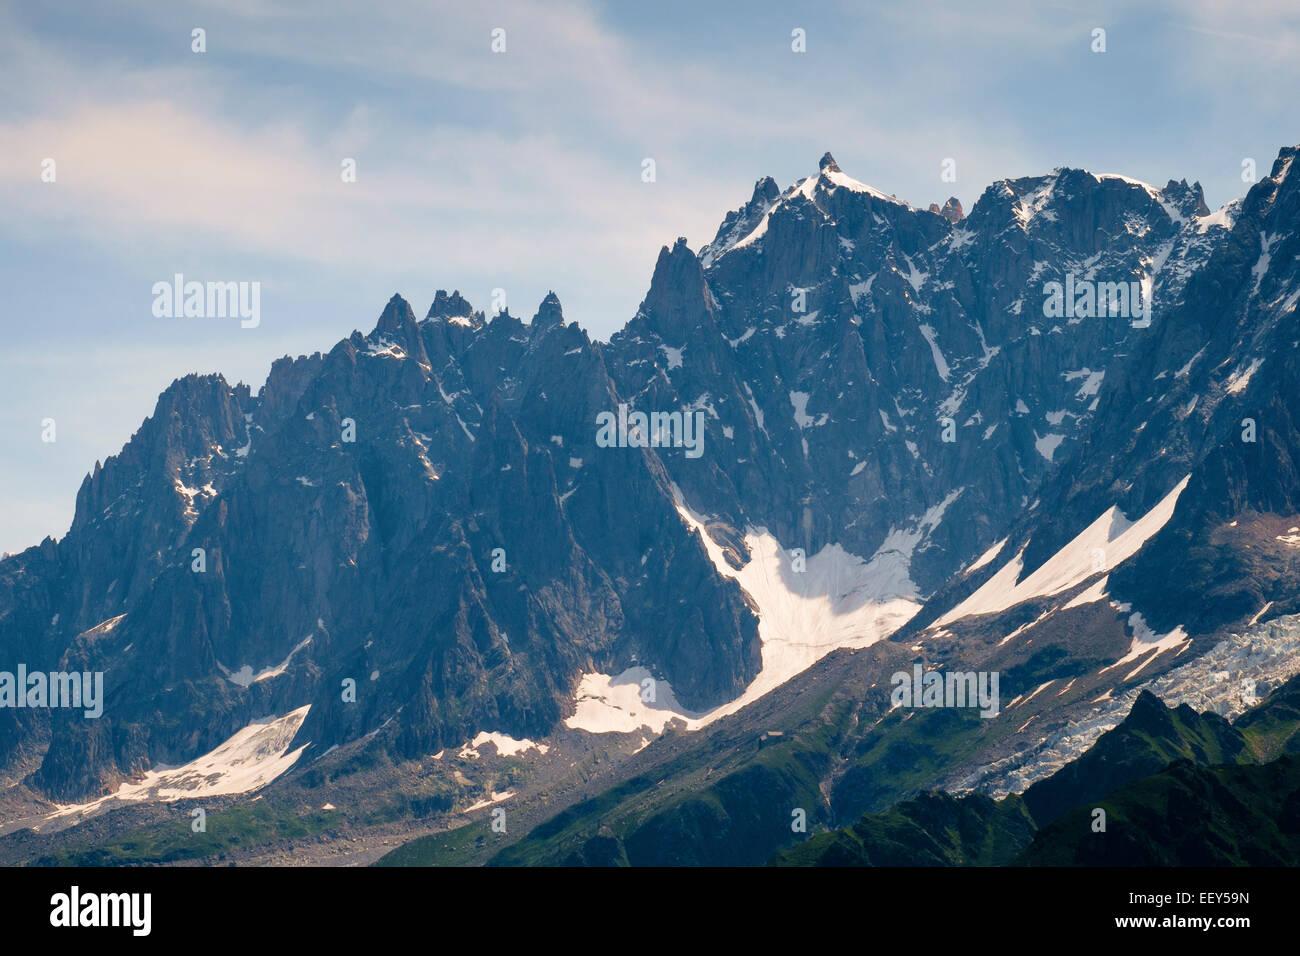 Aiguille du Midi, Aiguilles de Chamonix, mountain range, Rhone-Alpes, Haute-Savoie, France, Europe - Stock Image